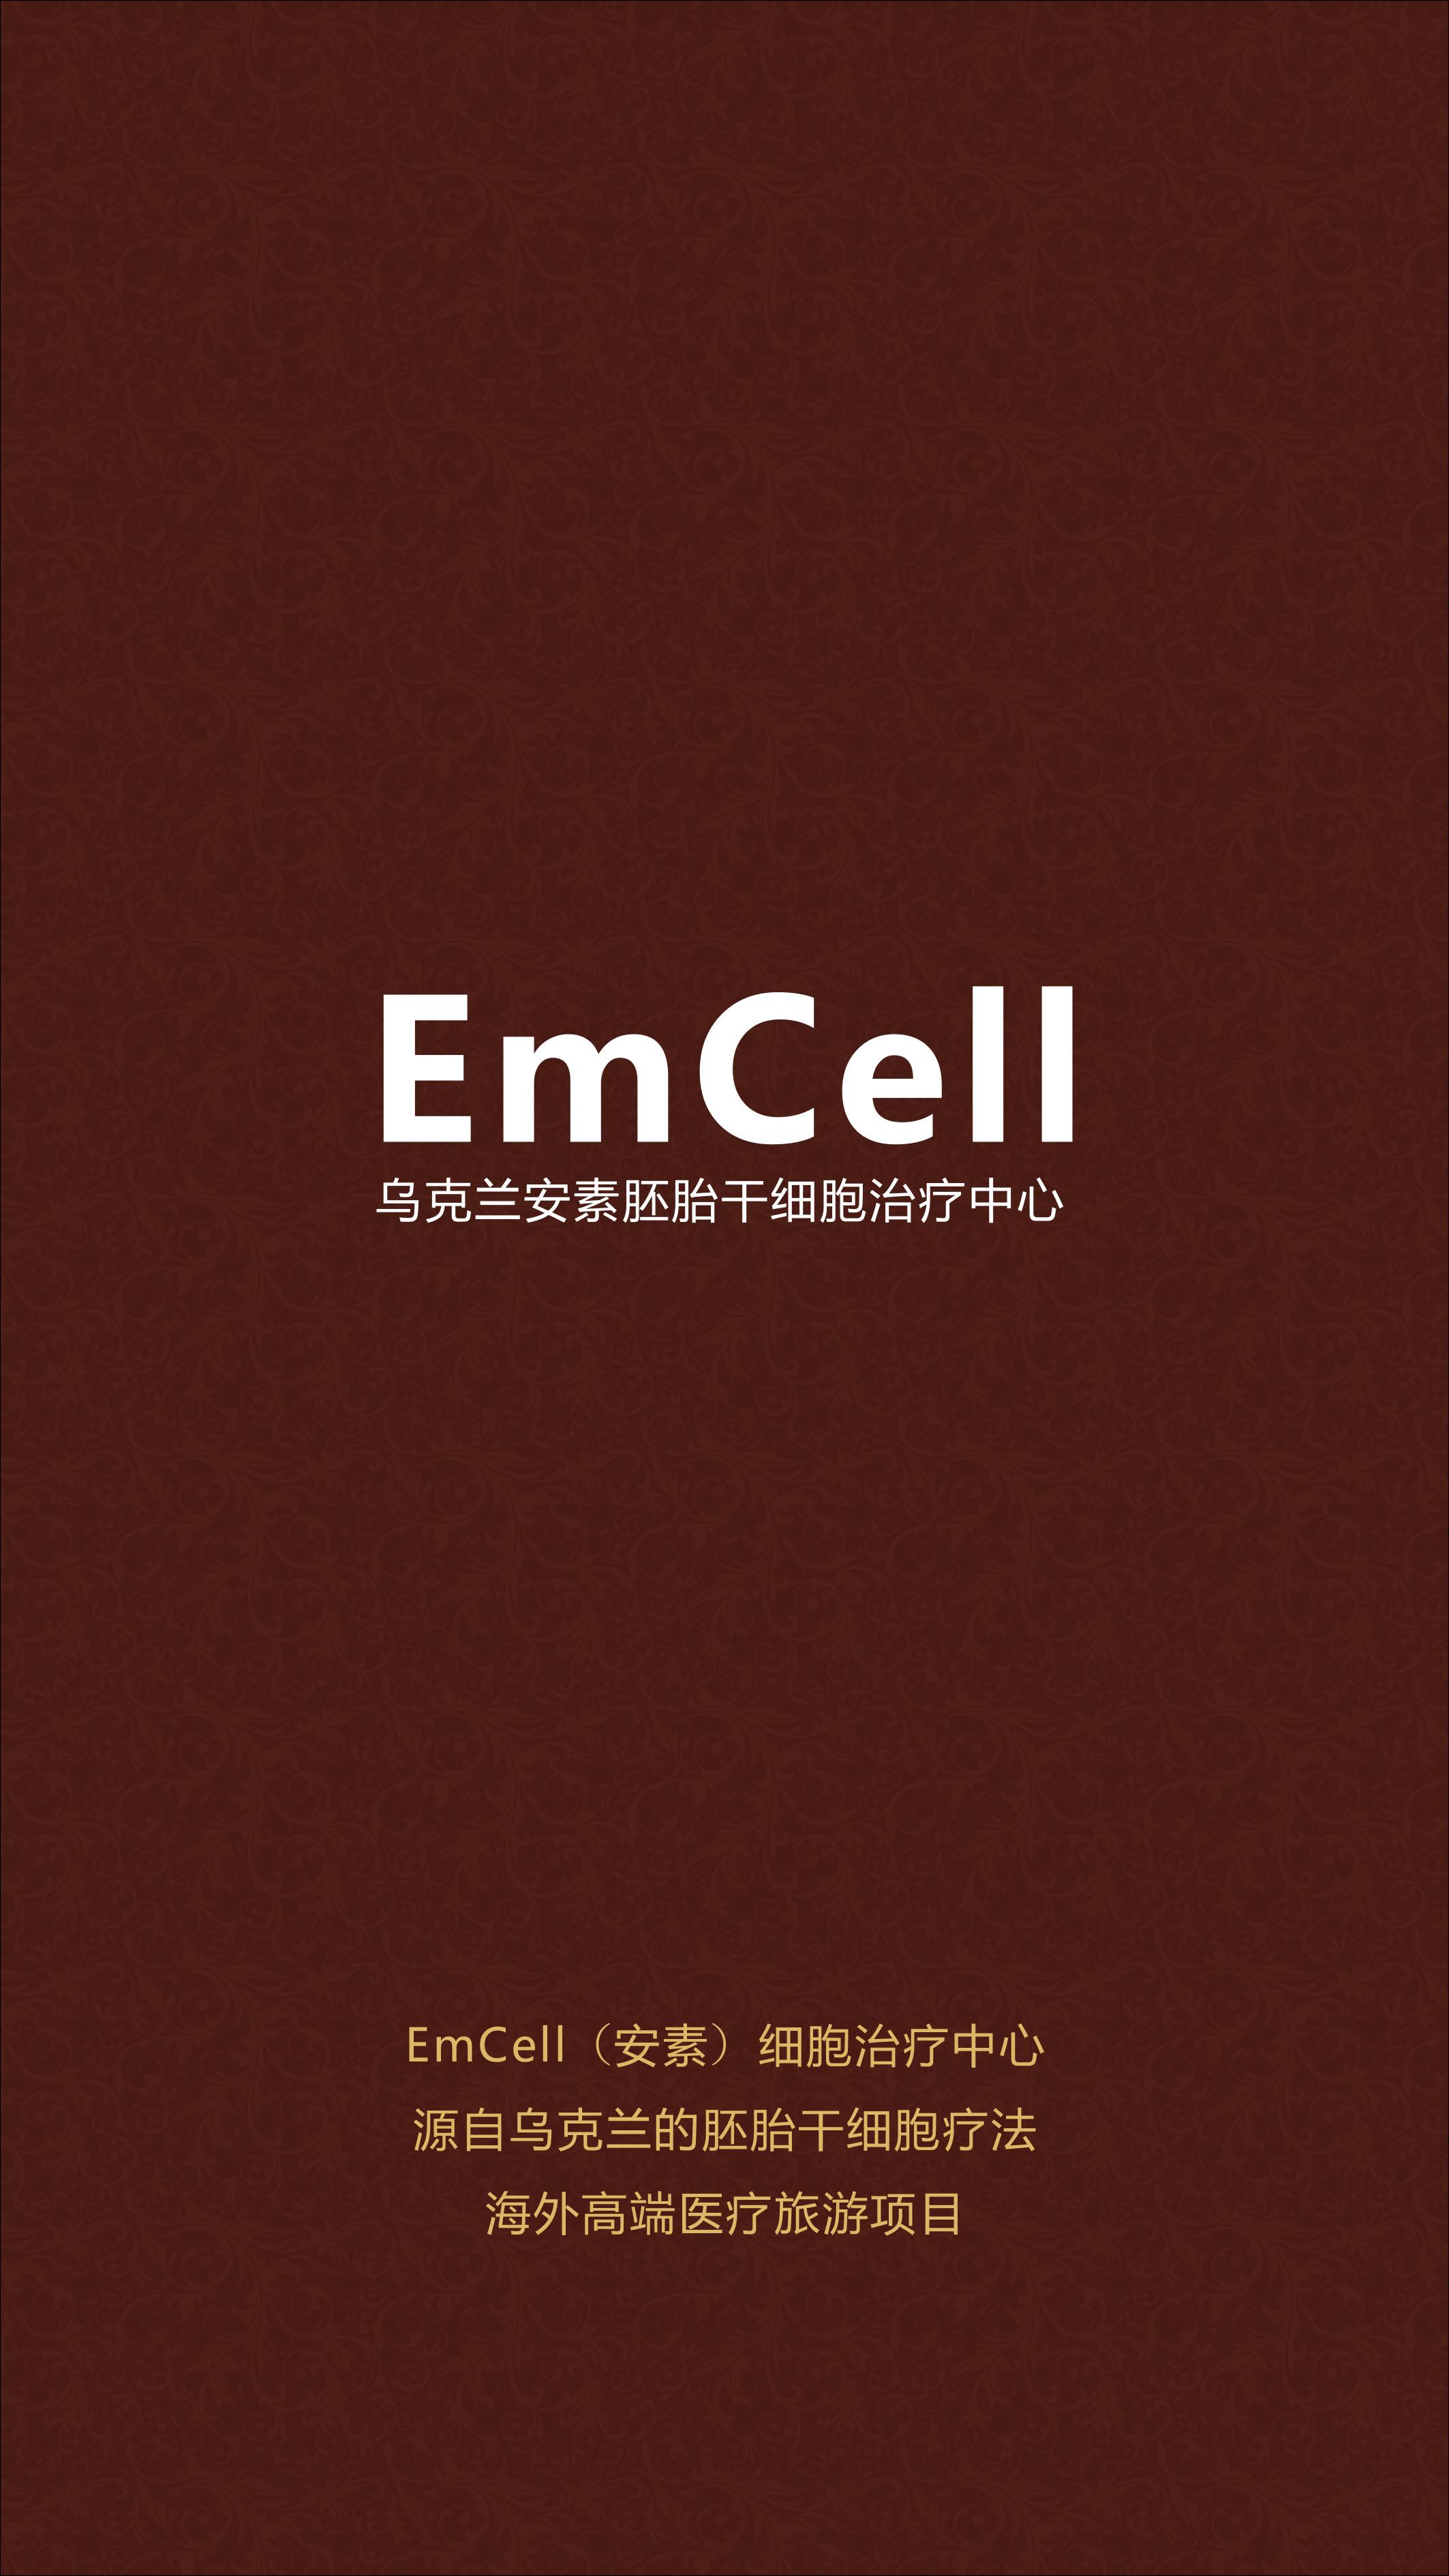 乌干细胞电子画册网站资料-1